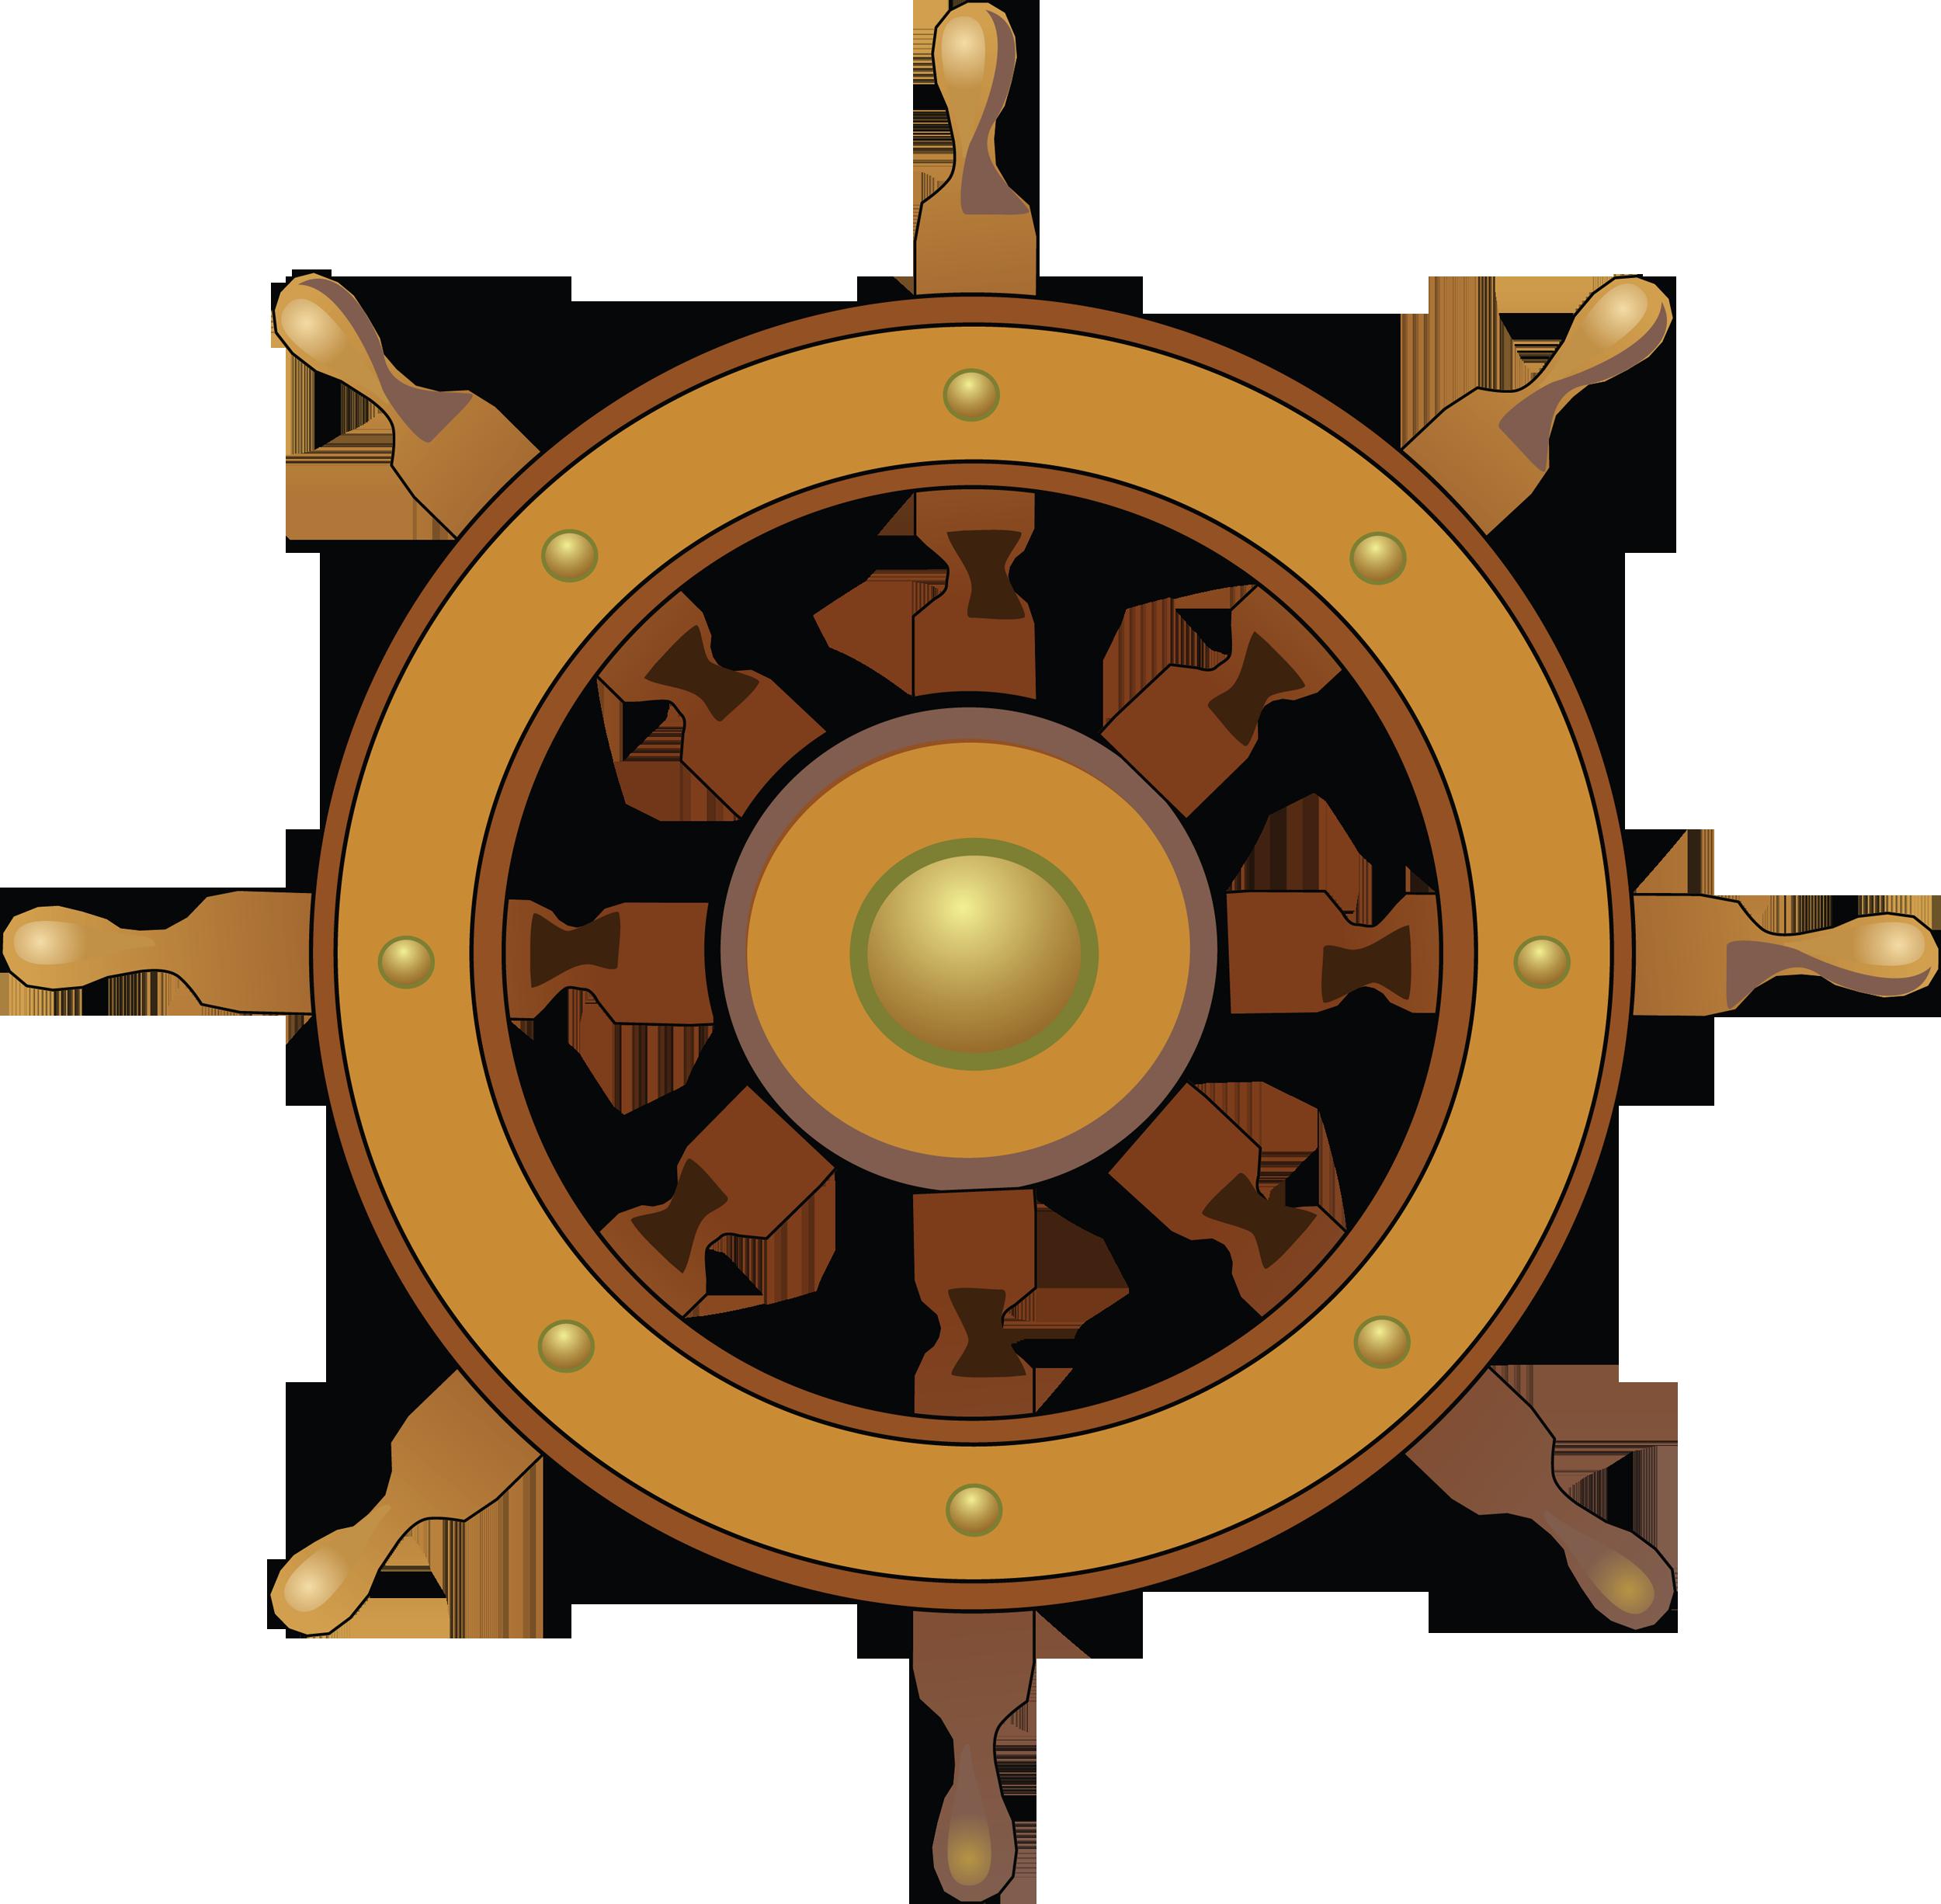 картинка морского руля